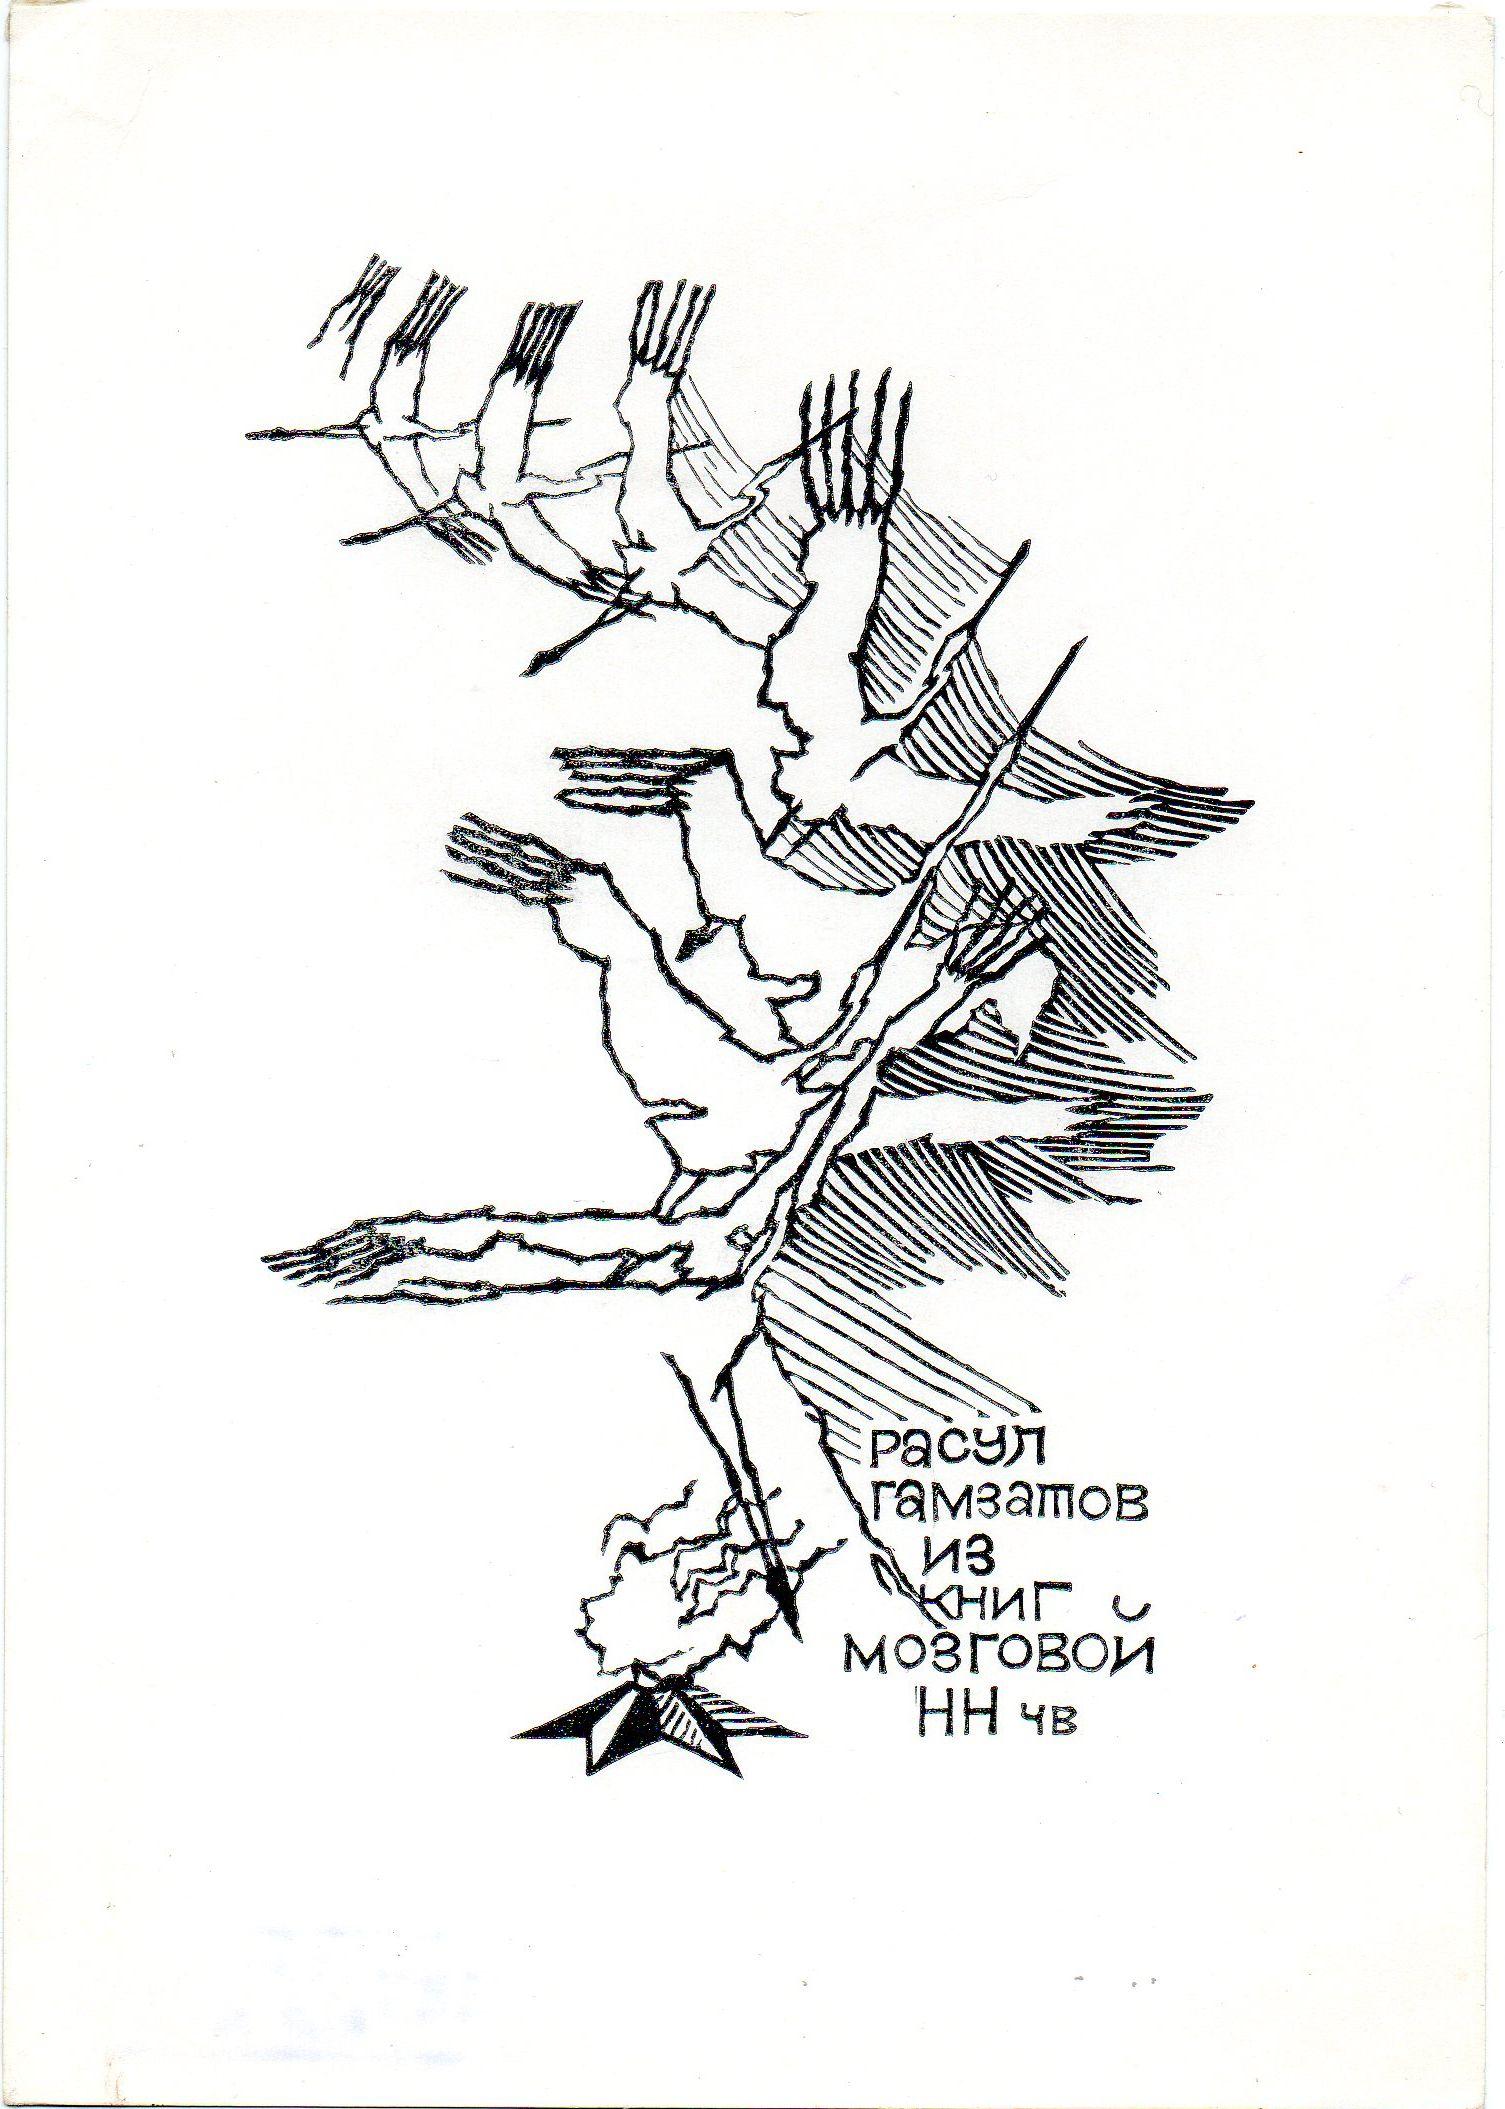 """Графіка. Екслібрис. """"Із книг Мозгової Н. Н."""" В'ячеслава Чефранова. Серія """"Друга світова війна""""."""